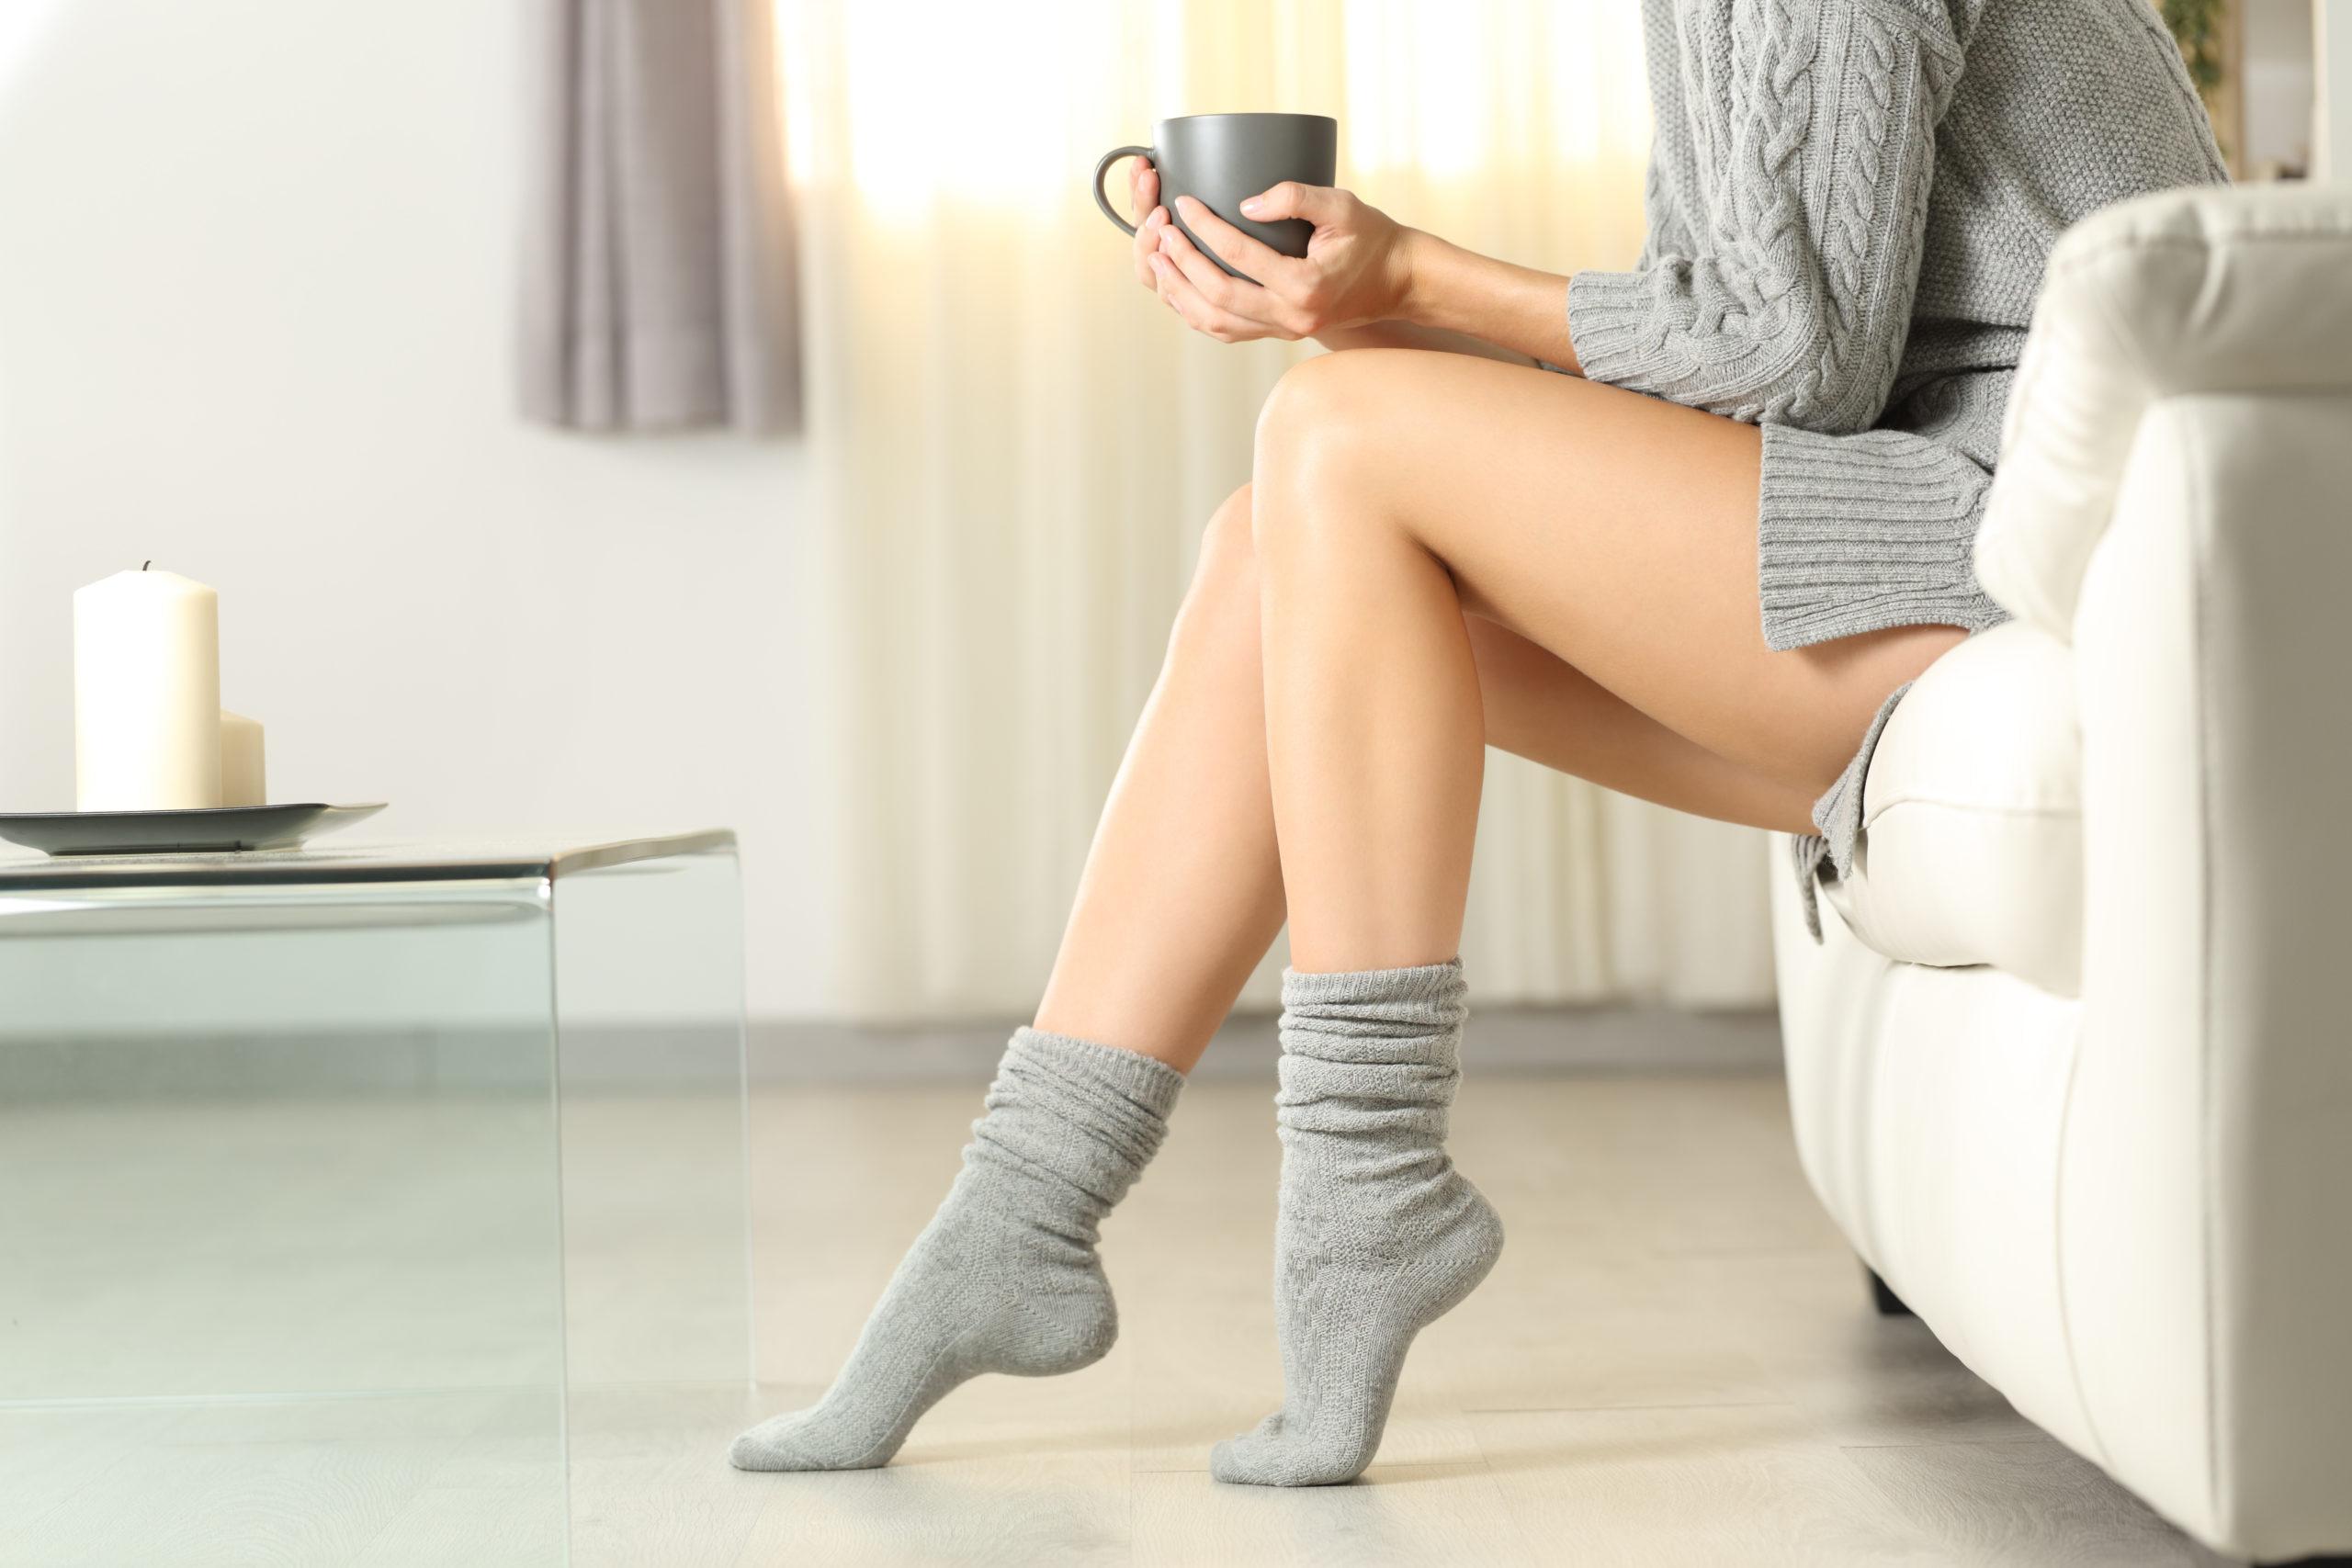 6 formas de mejorar tu desempeño sexual ¡consumiendo café! Expertos lo confirman